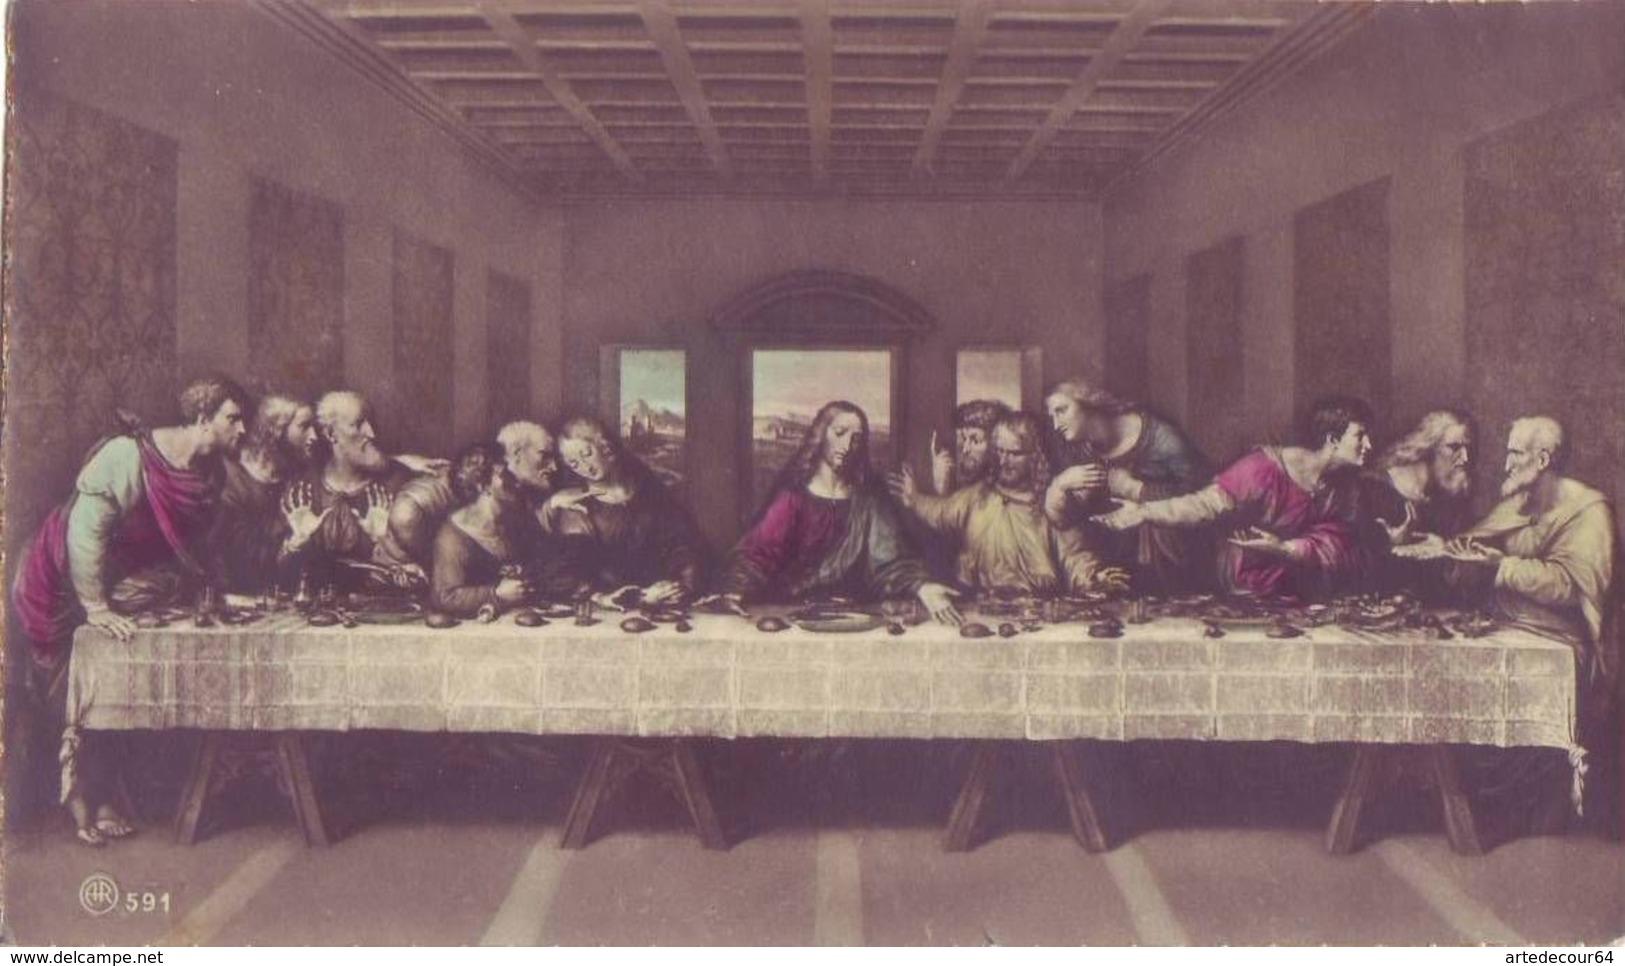 Santino Ricordo Della Prima Comunione - Caltagirone 1931 - Devotion Images